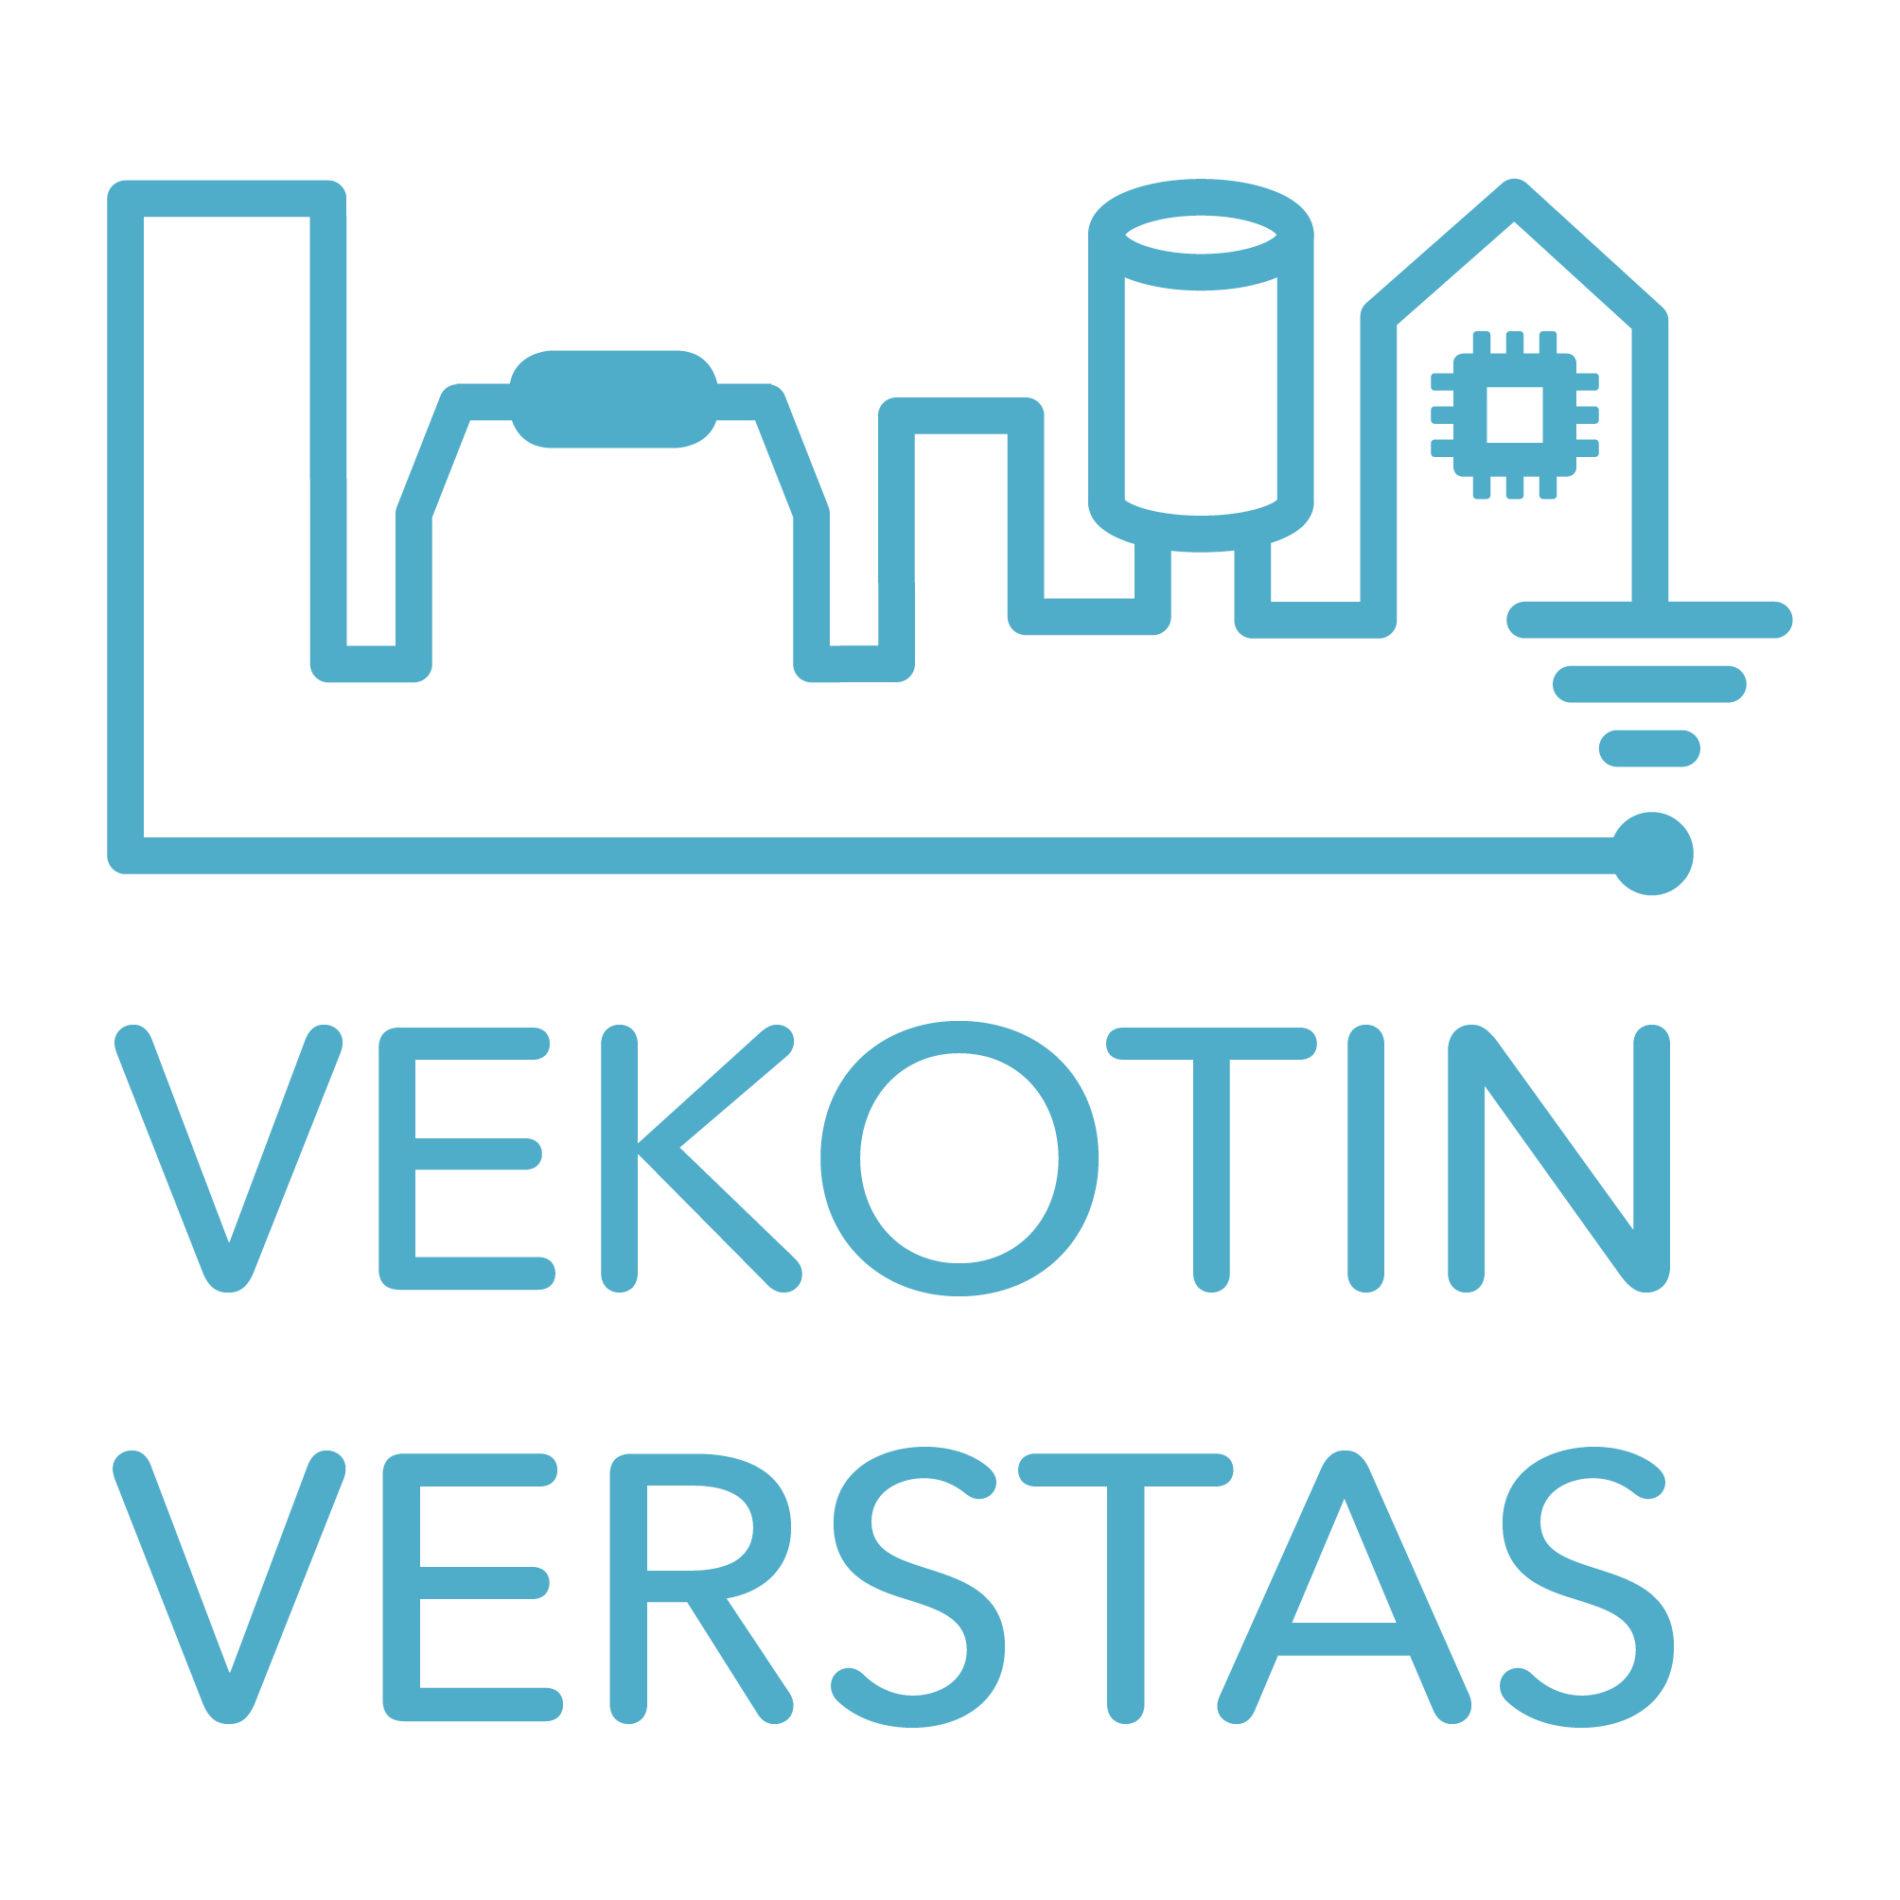 Tule mittaamaan Helsingin ilmanlaatua ja ota ystävä mukaan! Vekotinverstaan työpaja Oodissa 14.2.